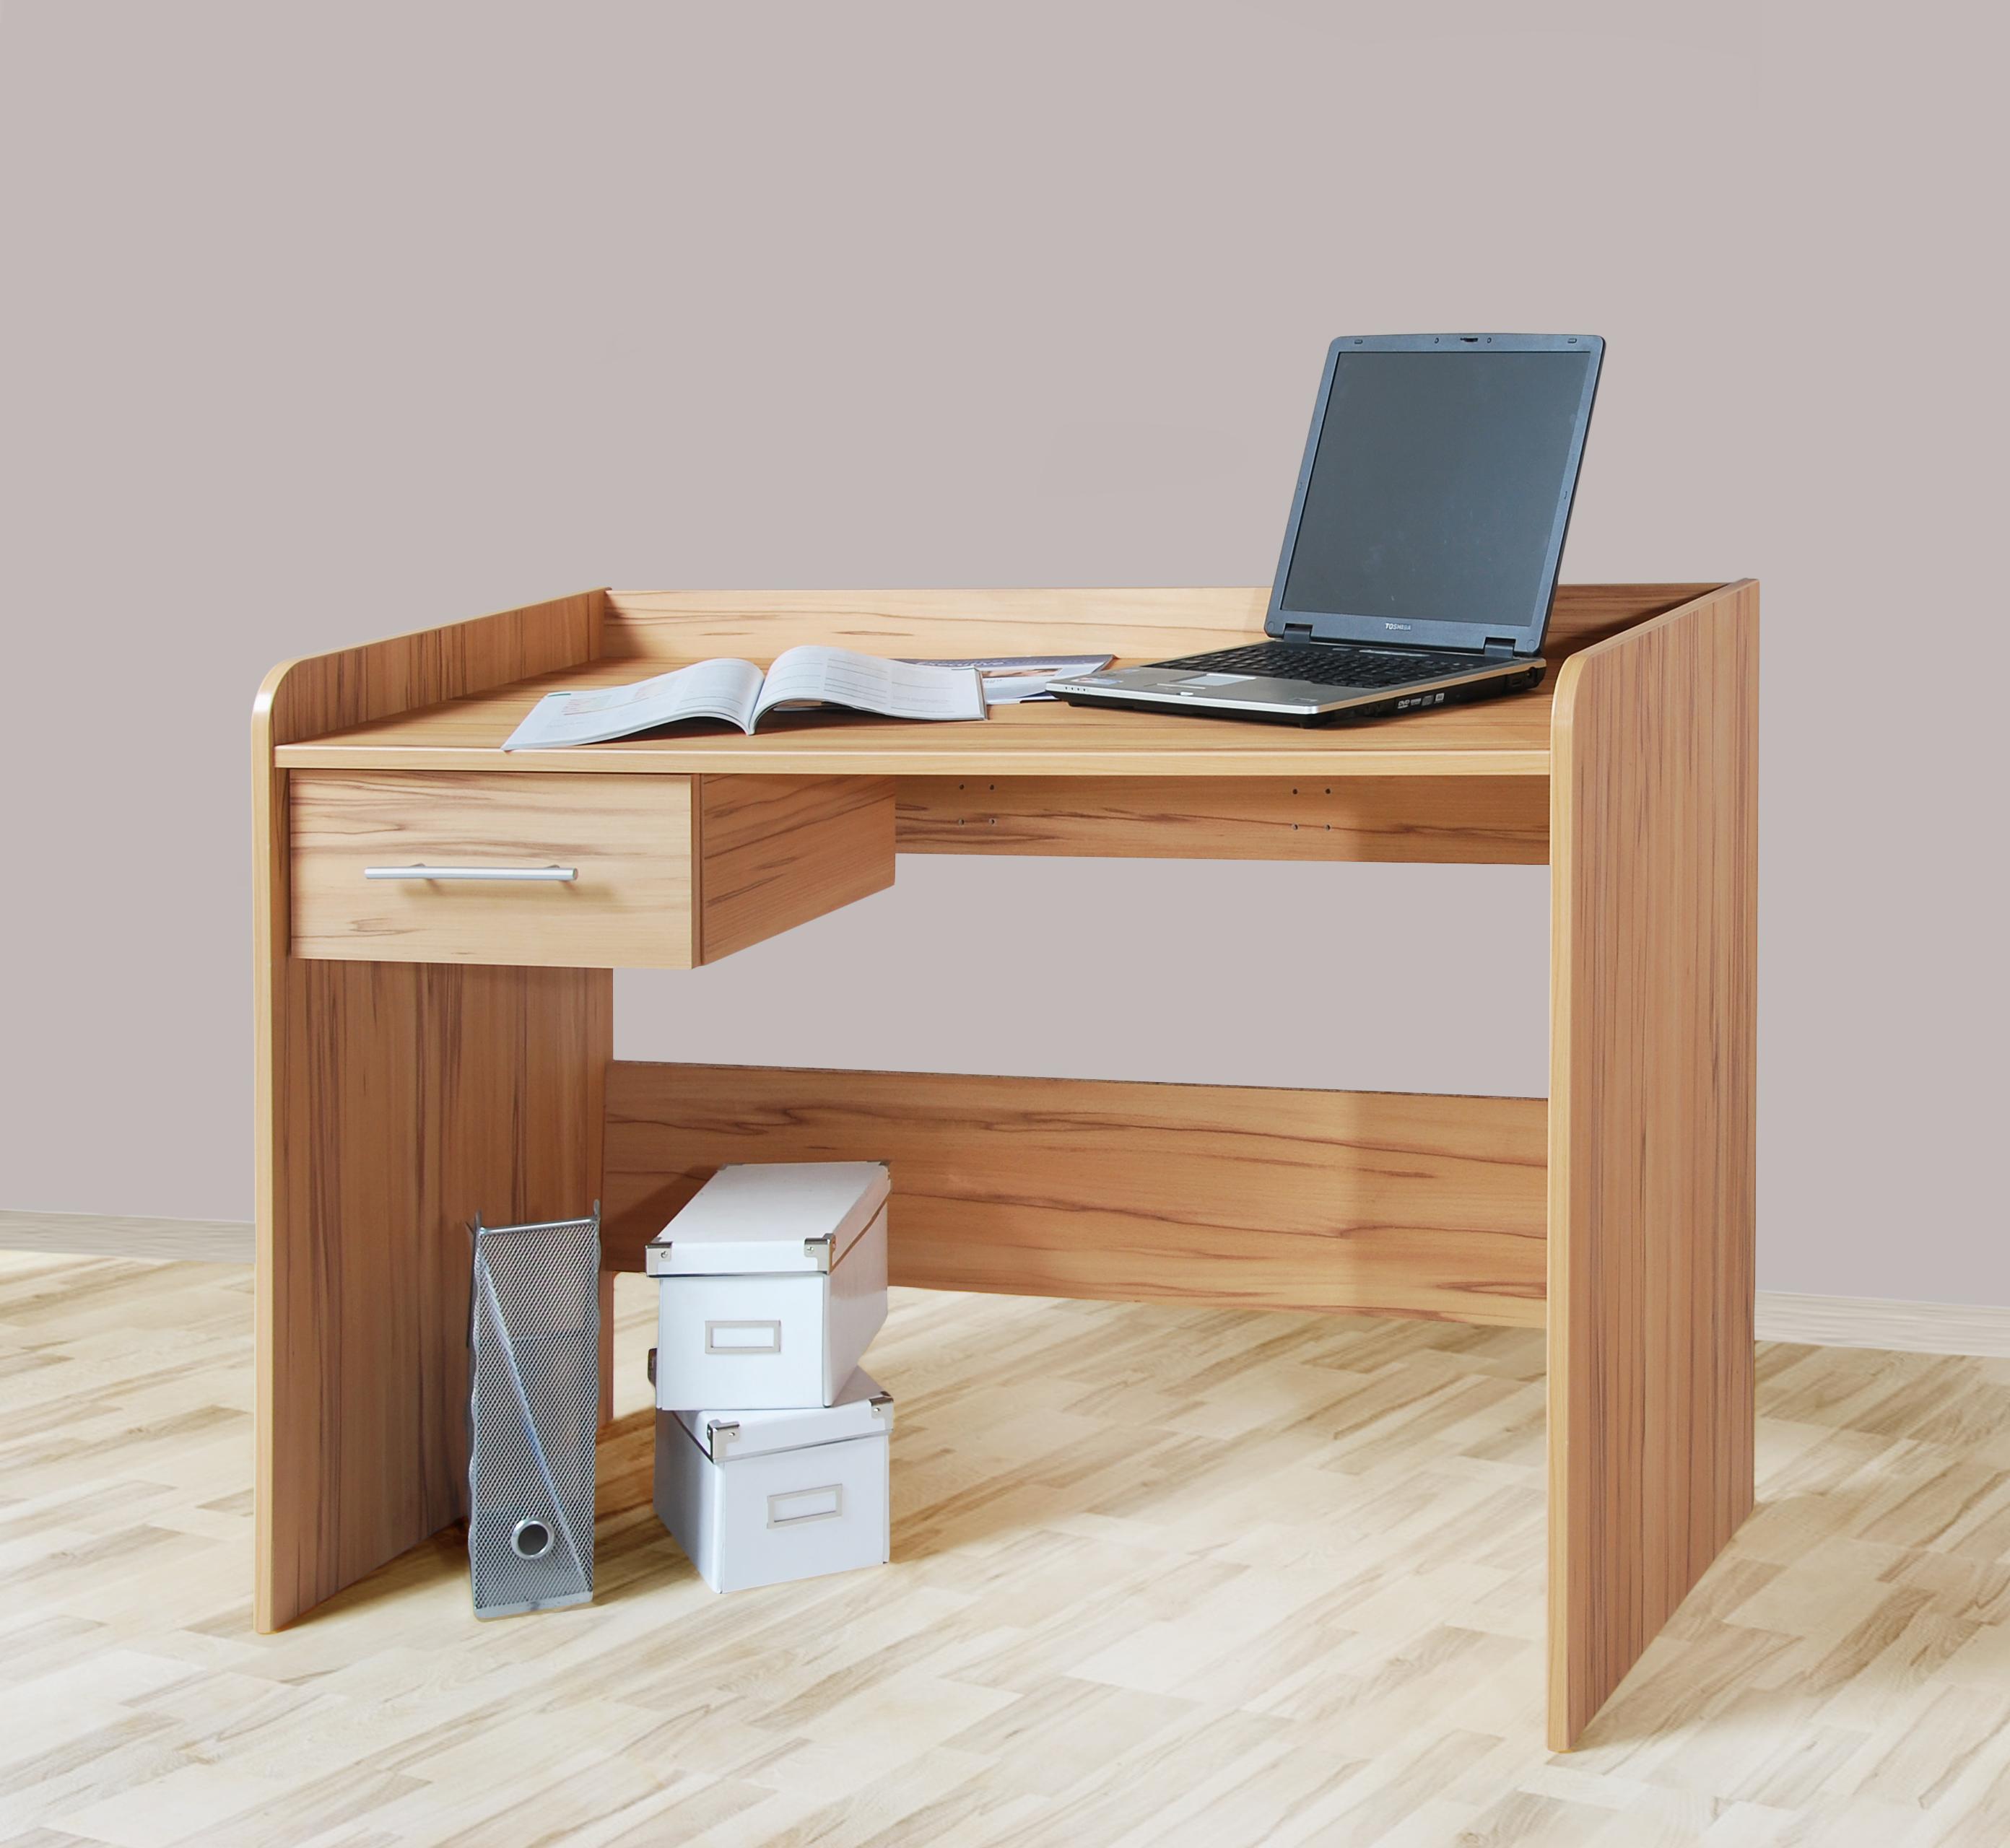 Büro Schreibtisch Höhenverstellbar ~ 4510  Schreibtisch Computertisch, höhenverstellbar, 140cm  Möbel